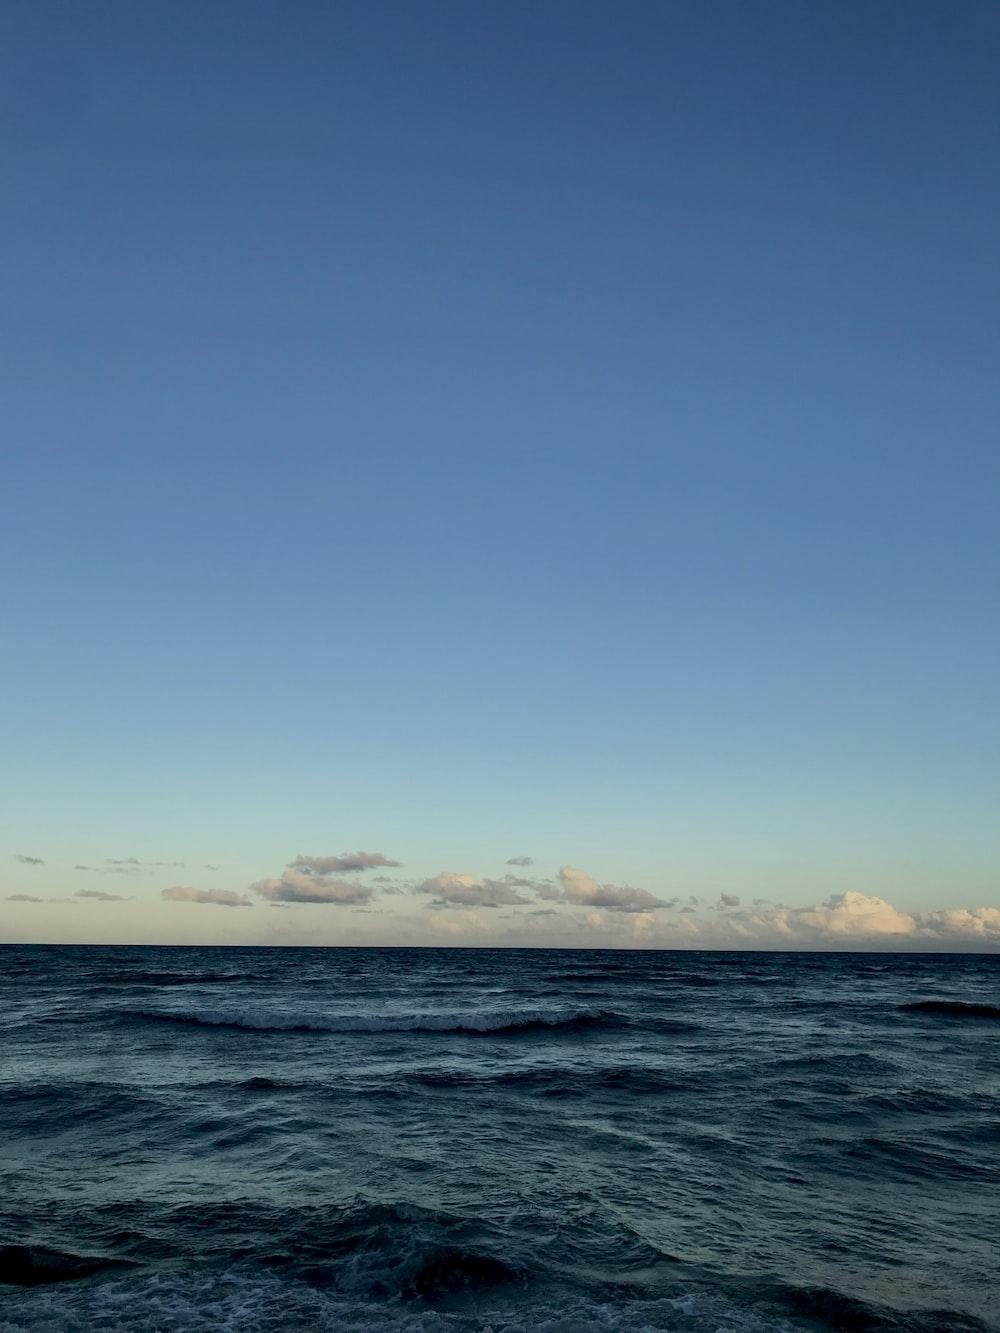 beach under blue sky during daytime